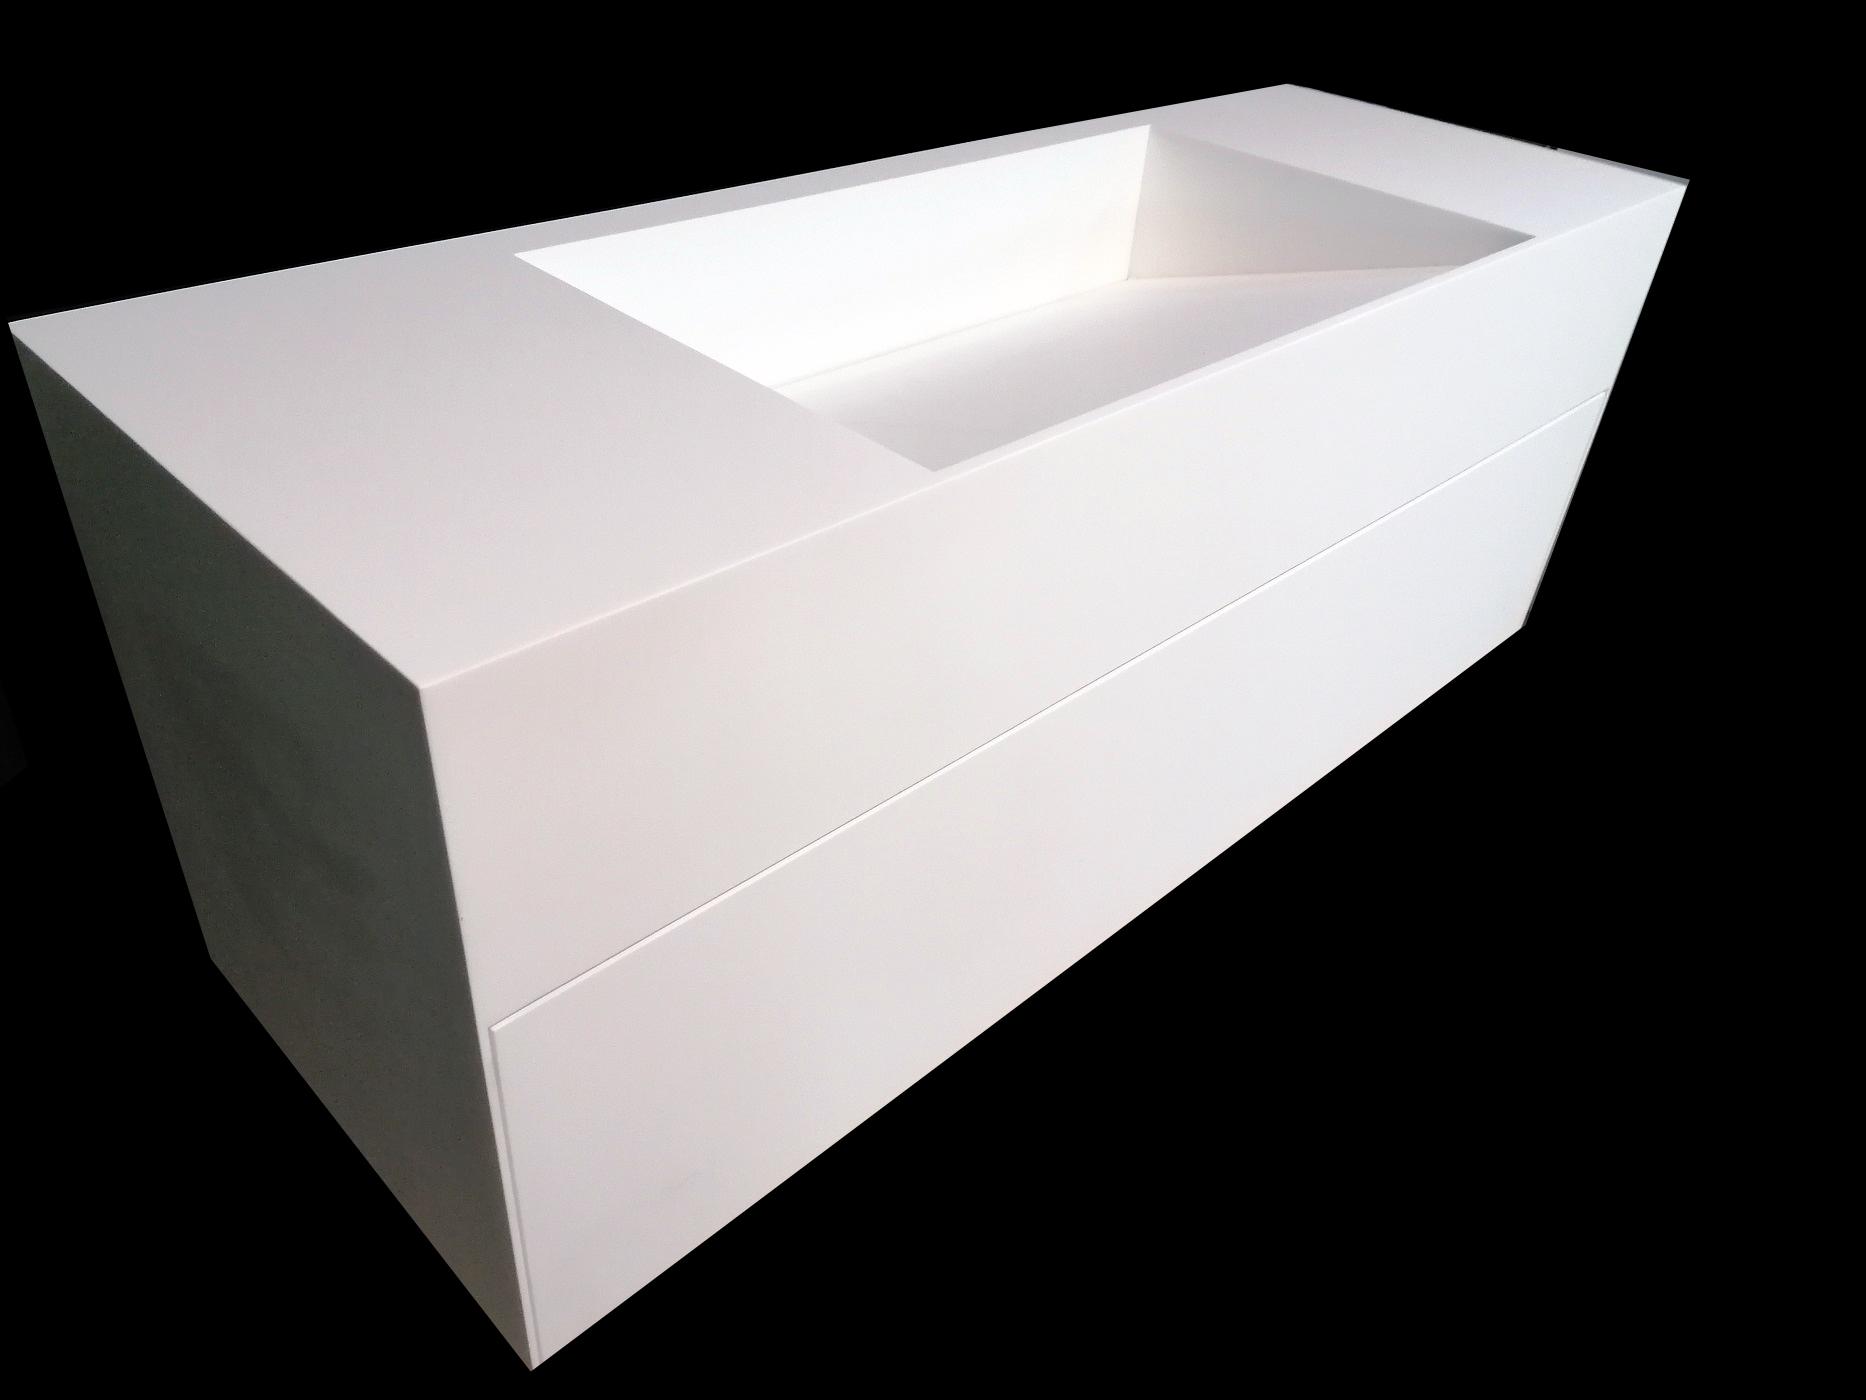 Szafka kompozytowa 120cm z umywalką z odpływem liniowym